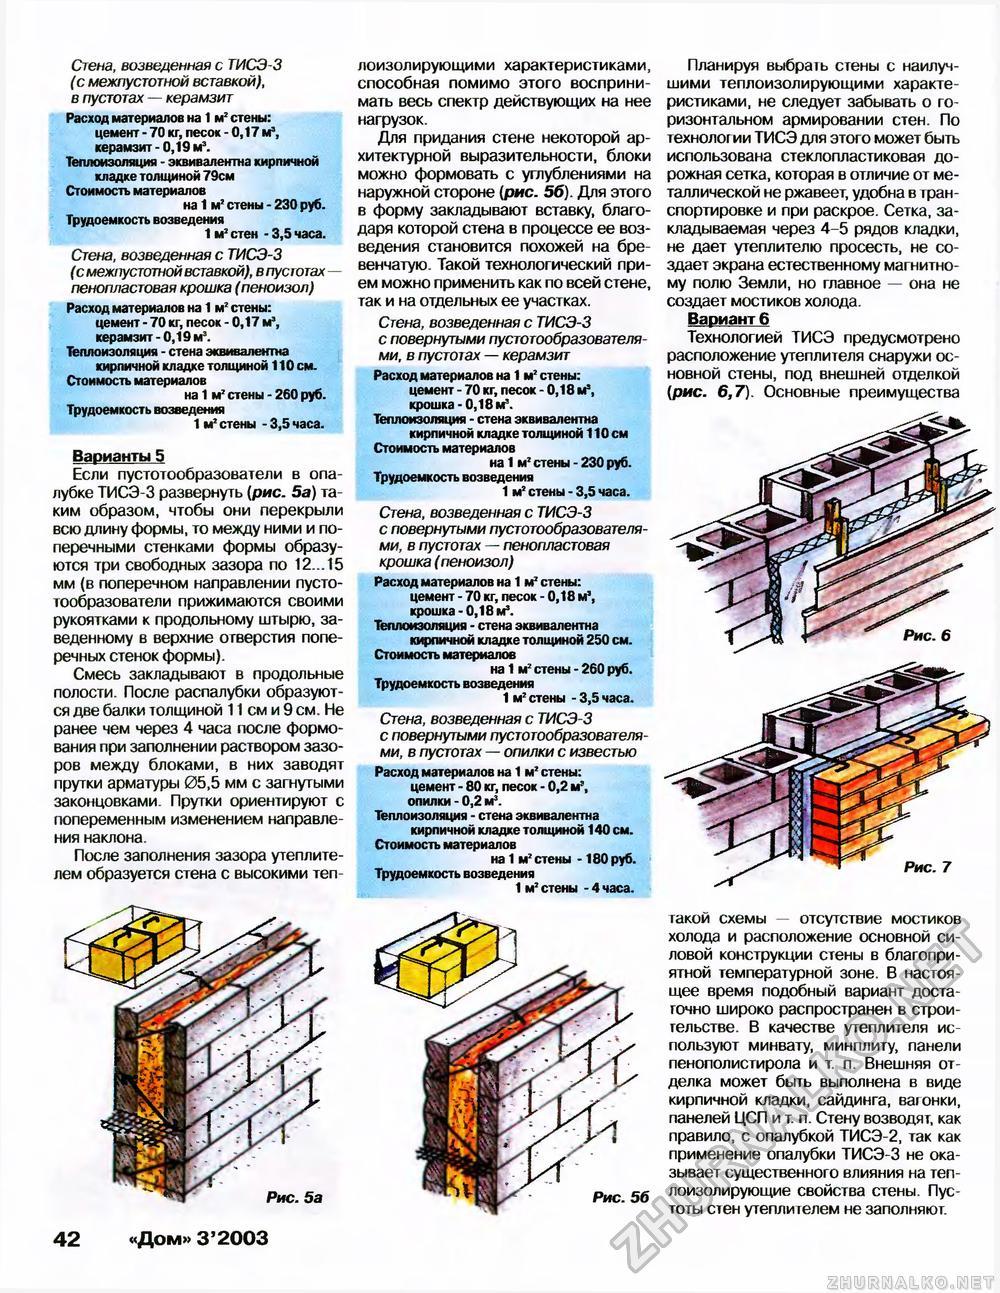 Керамзитобетонные панели на схеме